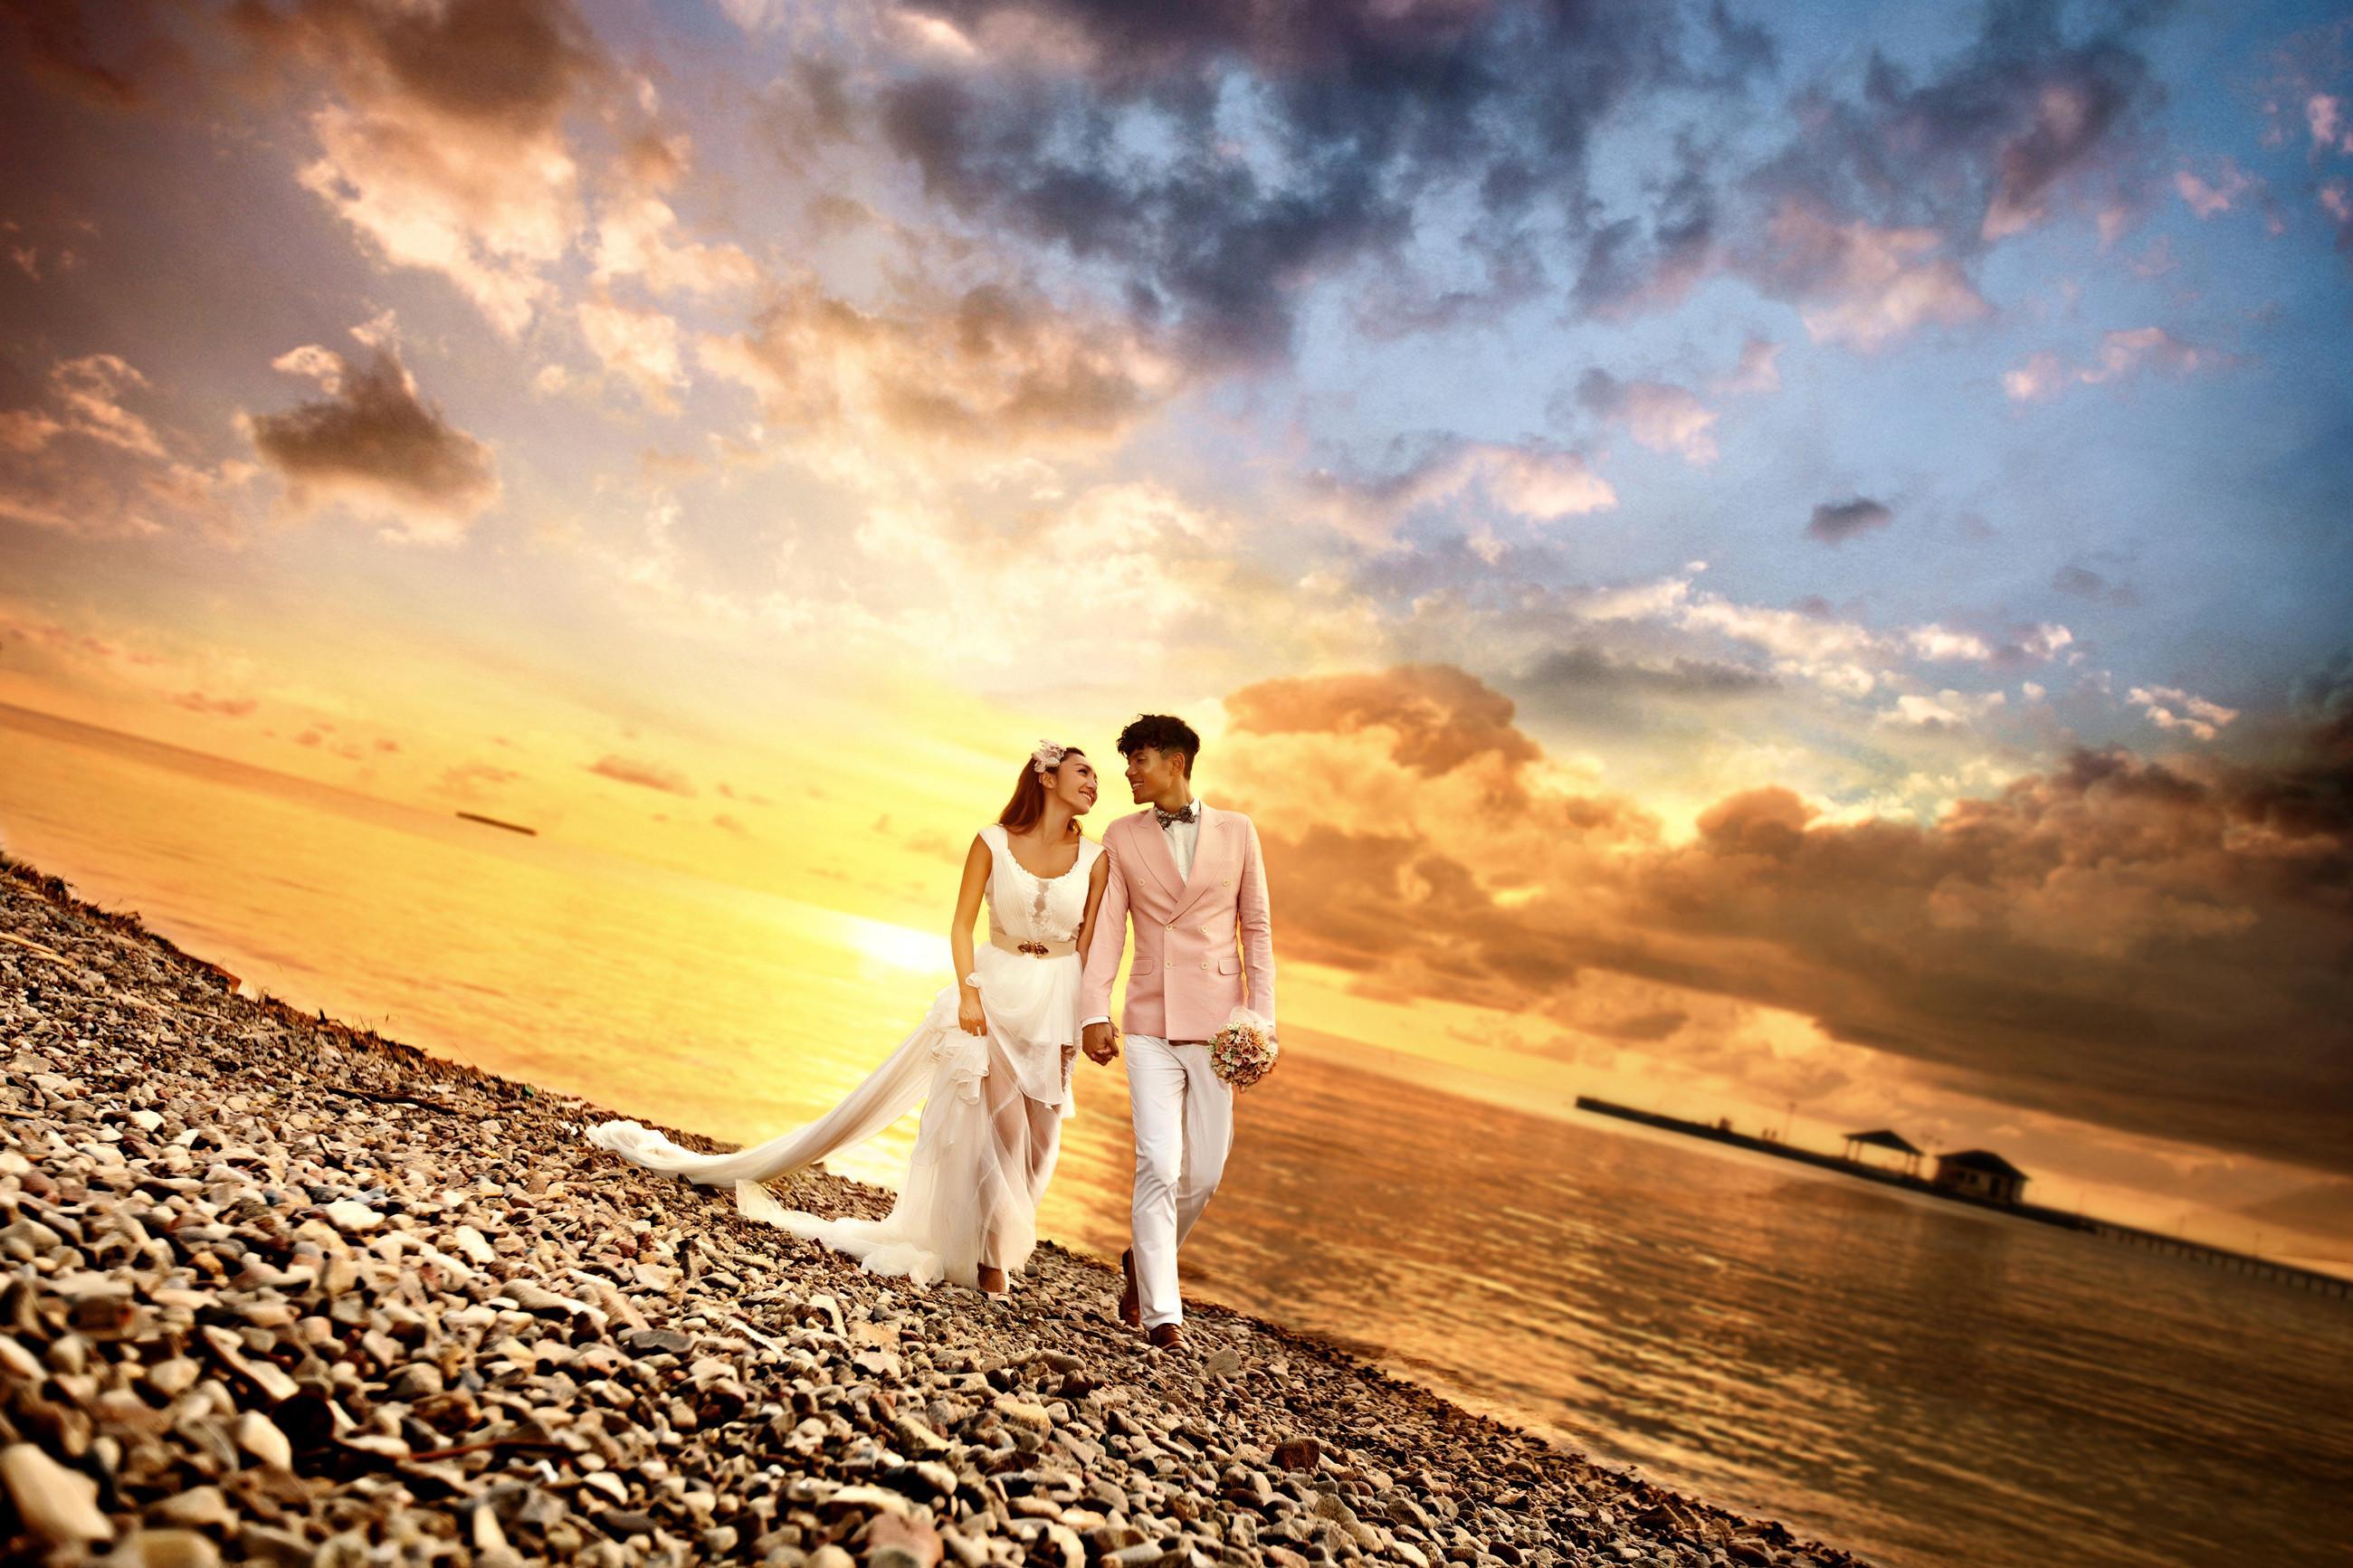 拍婚纱照之前的姿势和表情练习一,对着镜子做练习高清图片